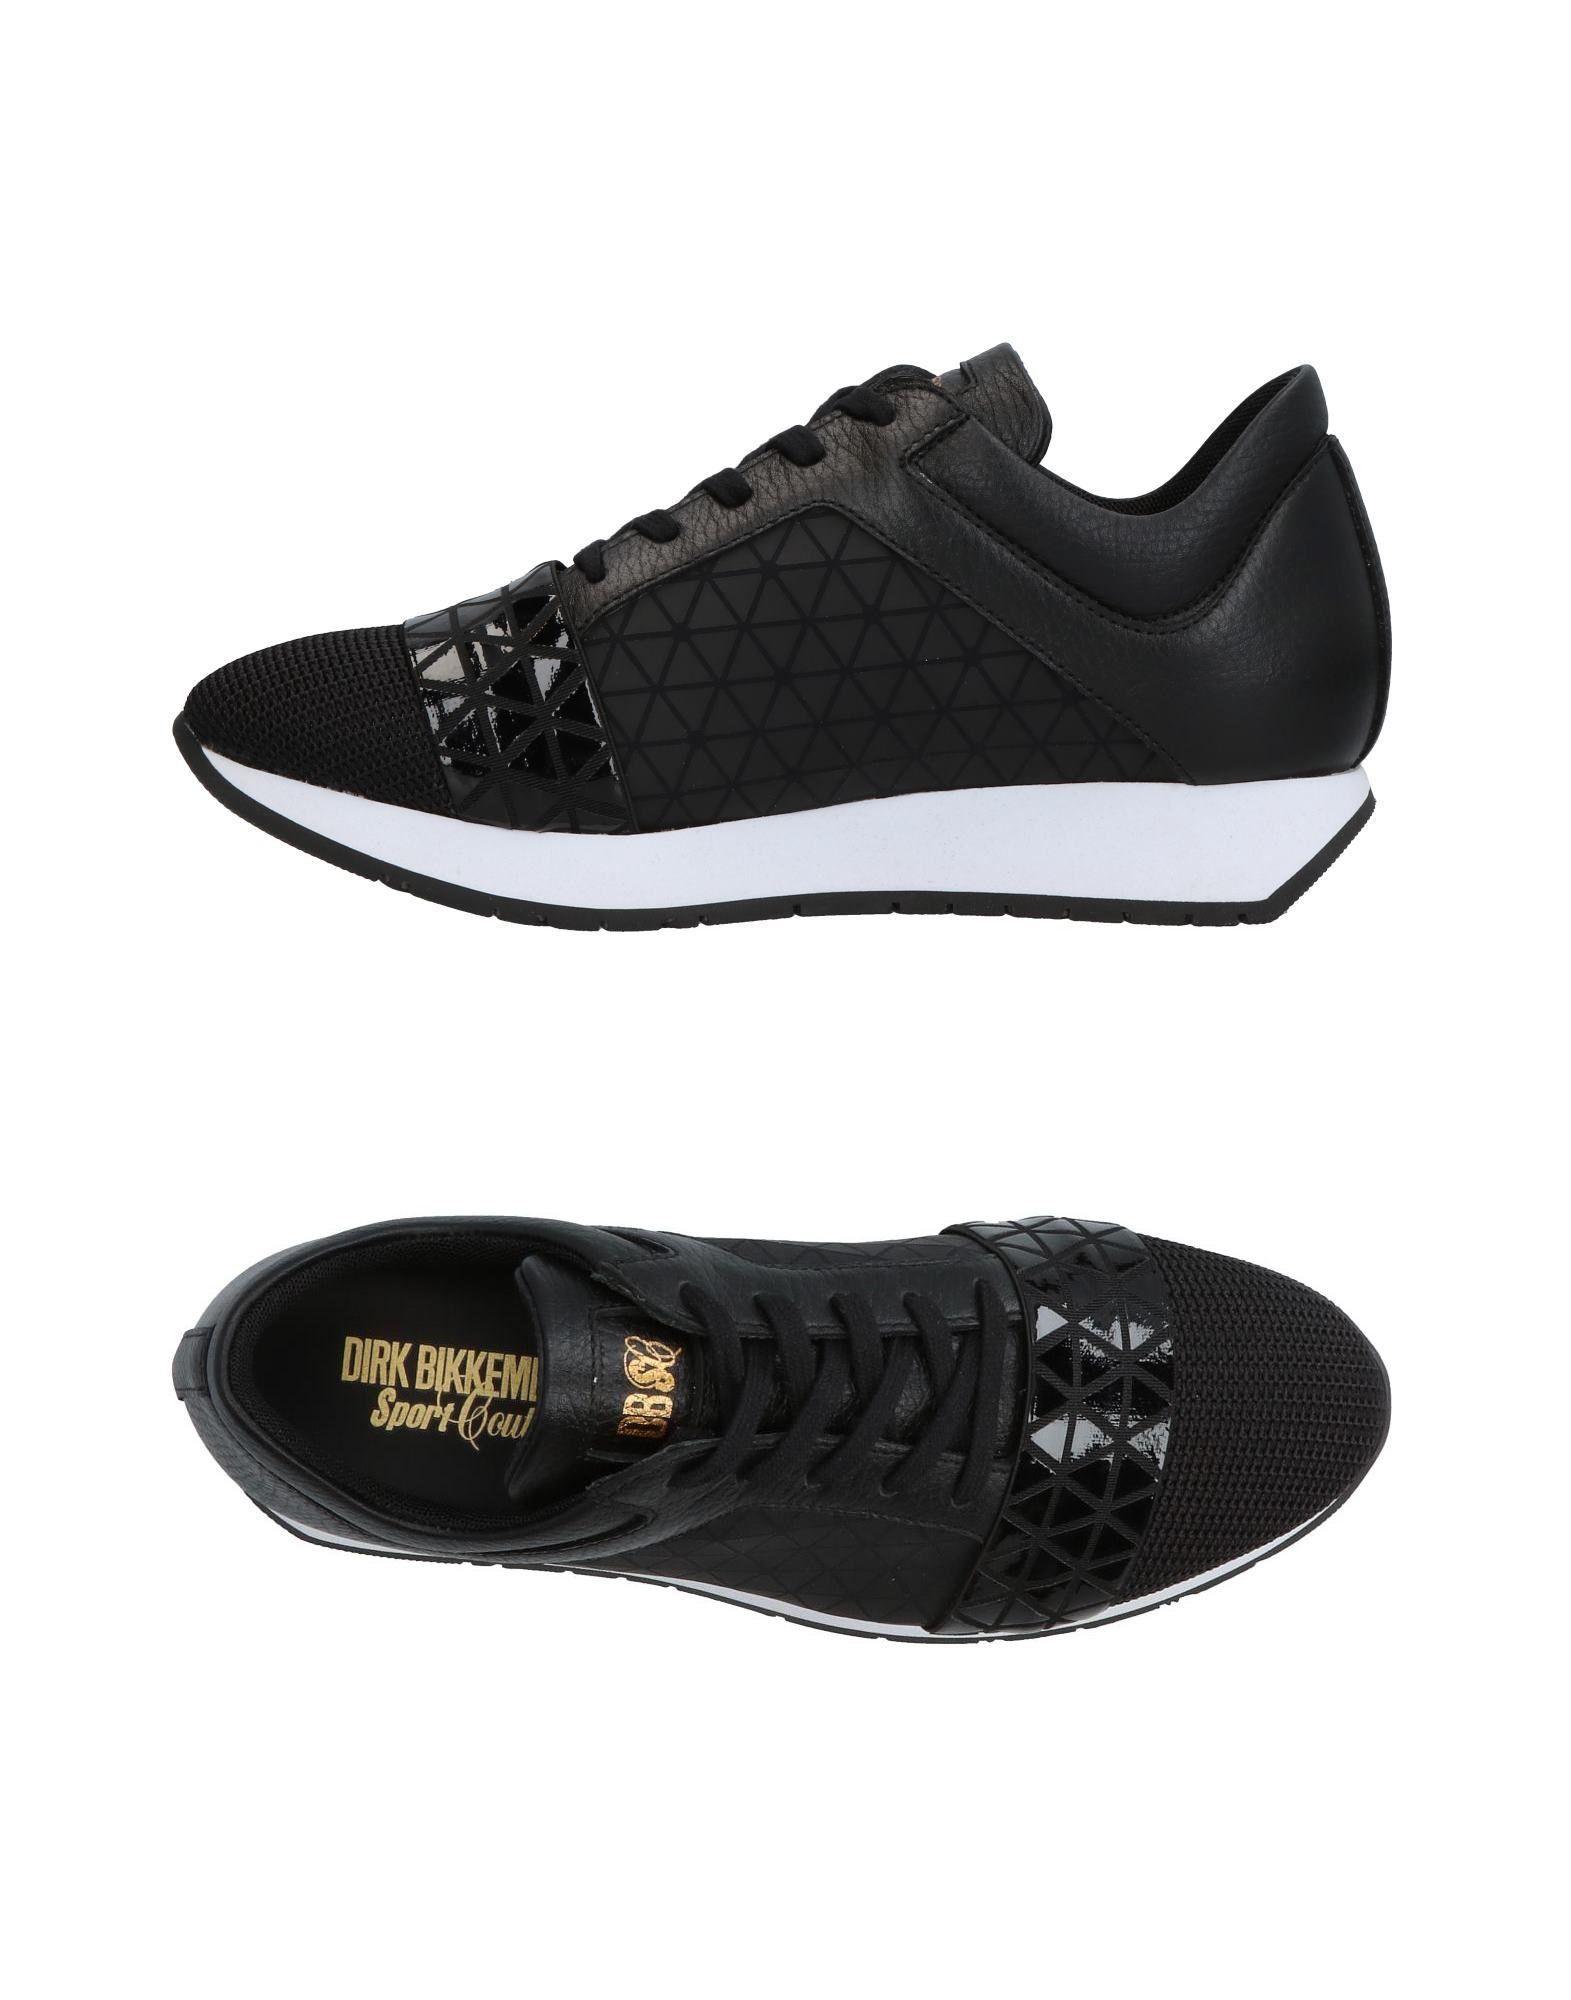 Sneakers Dirk Bikkembergs Donna - Acquista online su